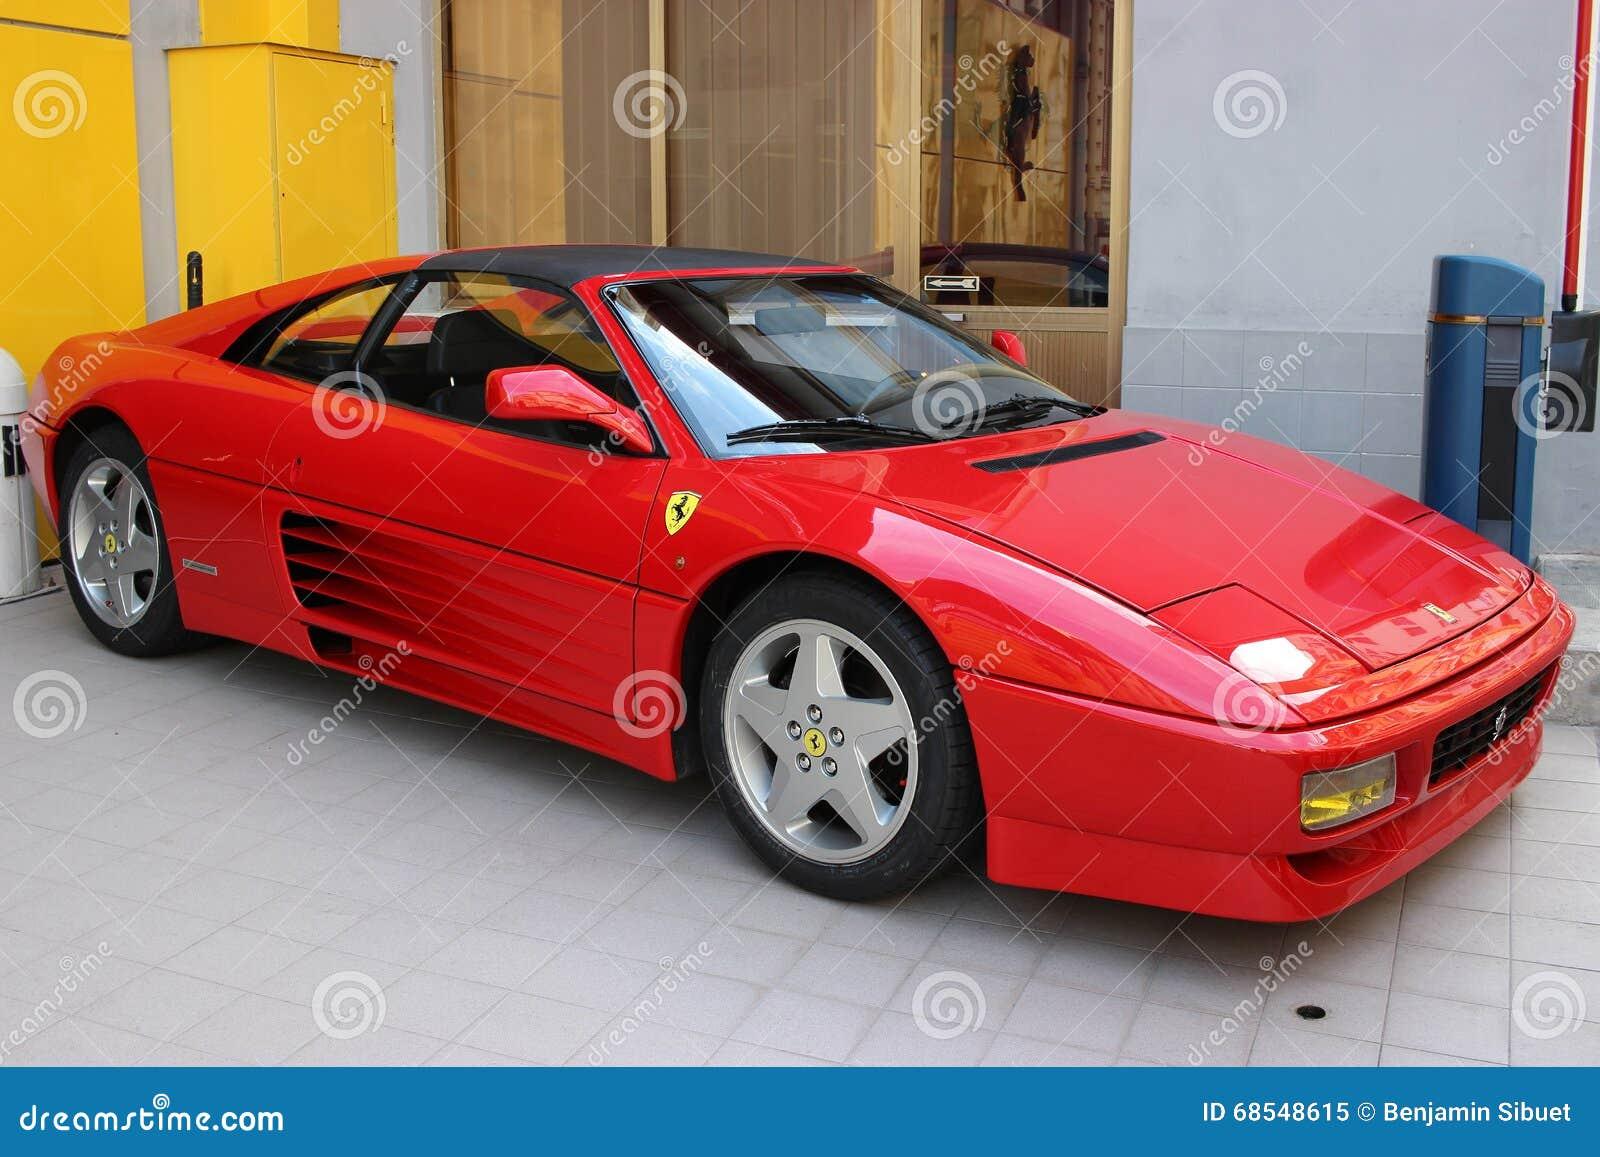 Red Ferrari 348 Ts For Sale In Monaco Editorial Image